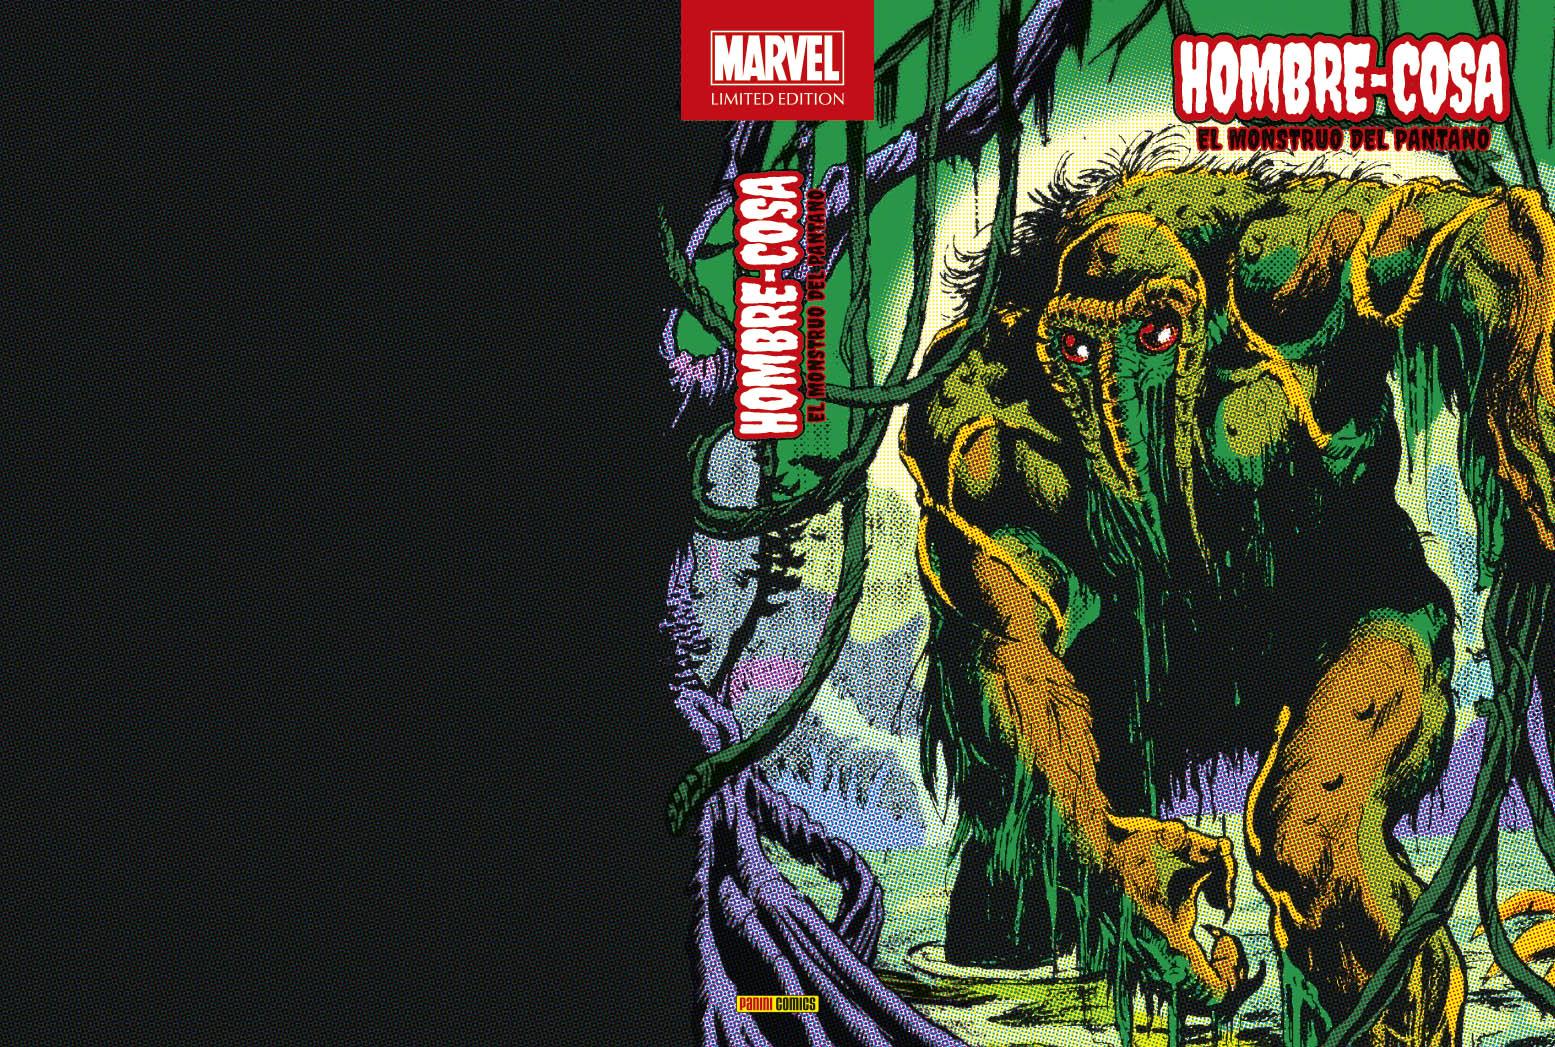 HOMBRE COSA COVER